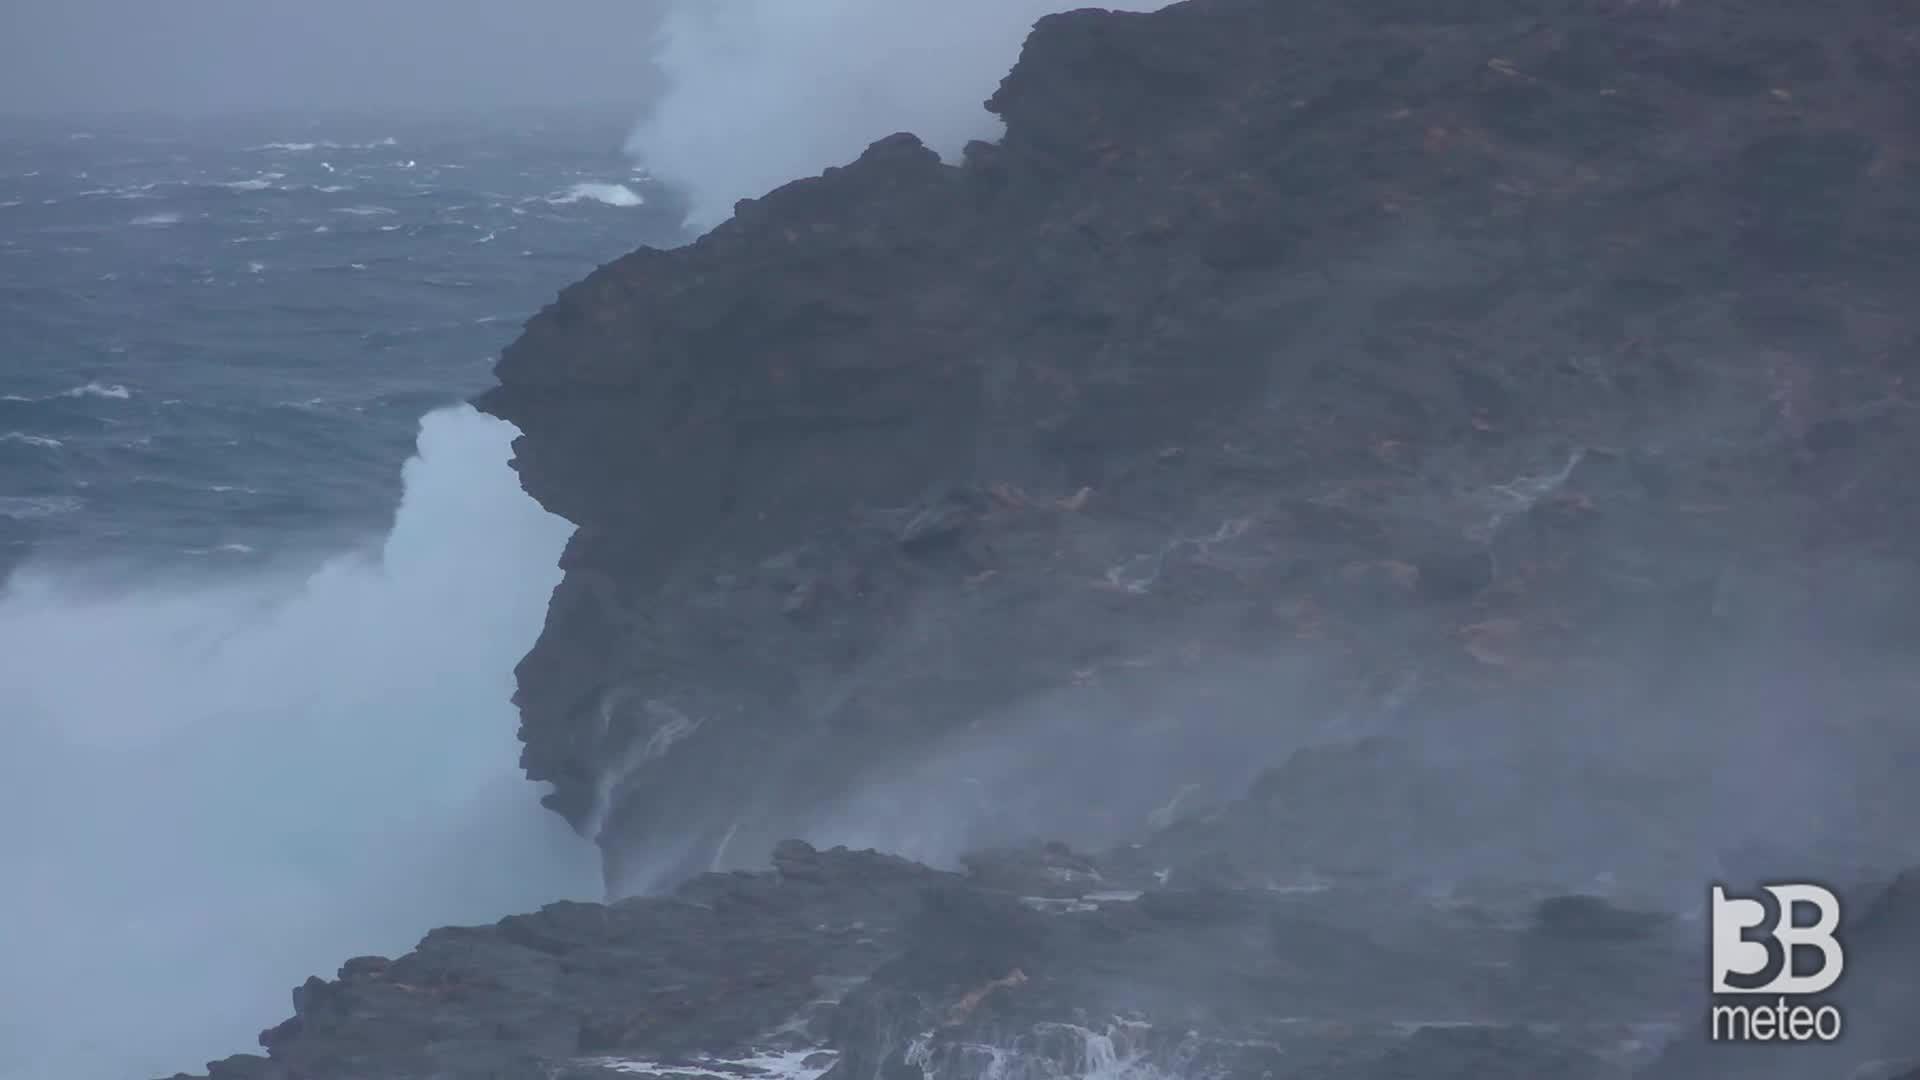 Cronaca meteo VIDEO MALTEMPO: Sardegna, onde alte metri: in corso violenta mareggiata